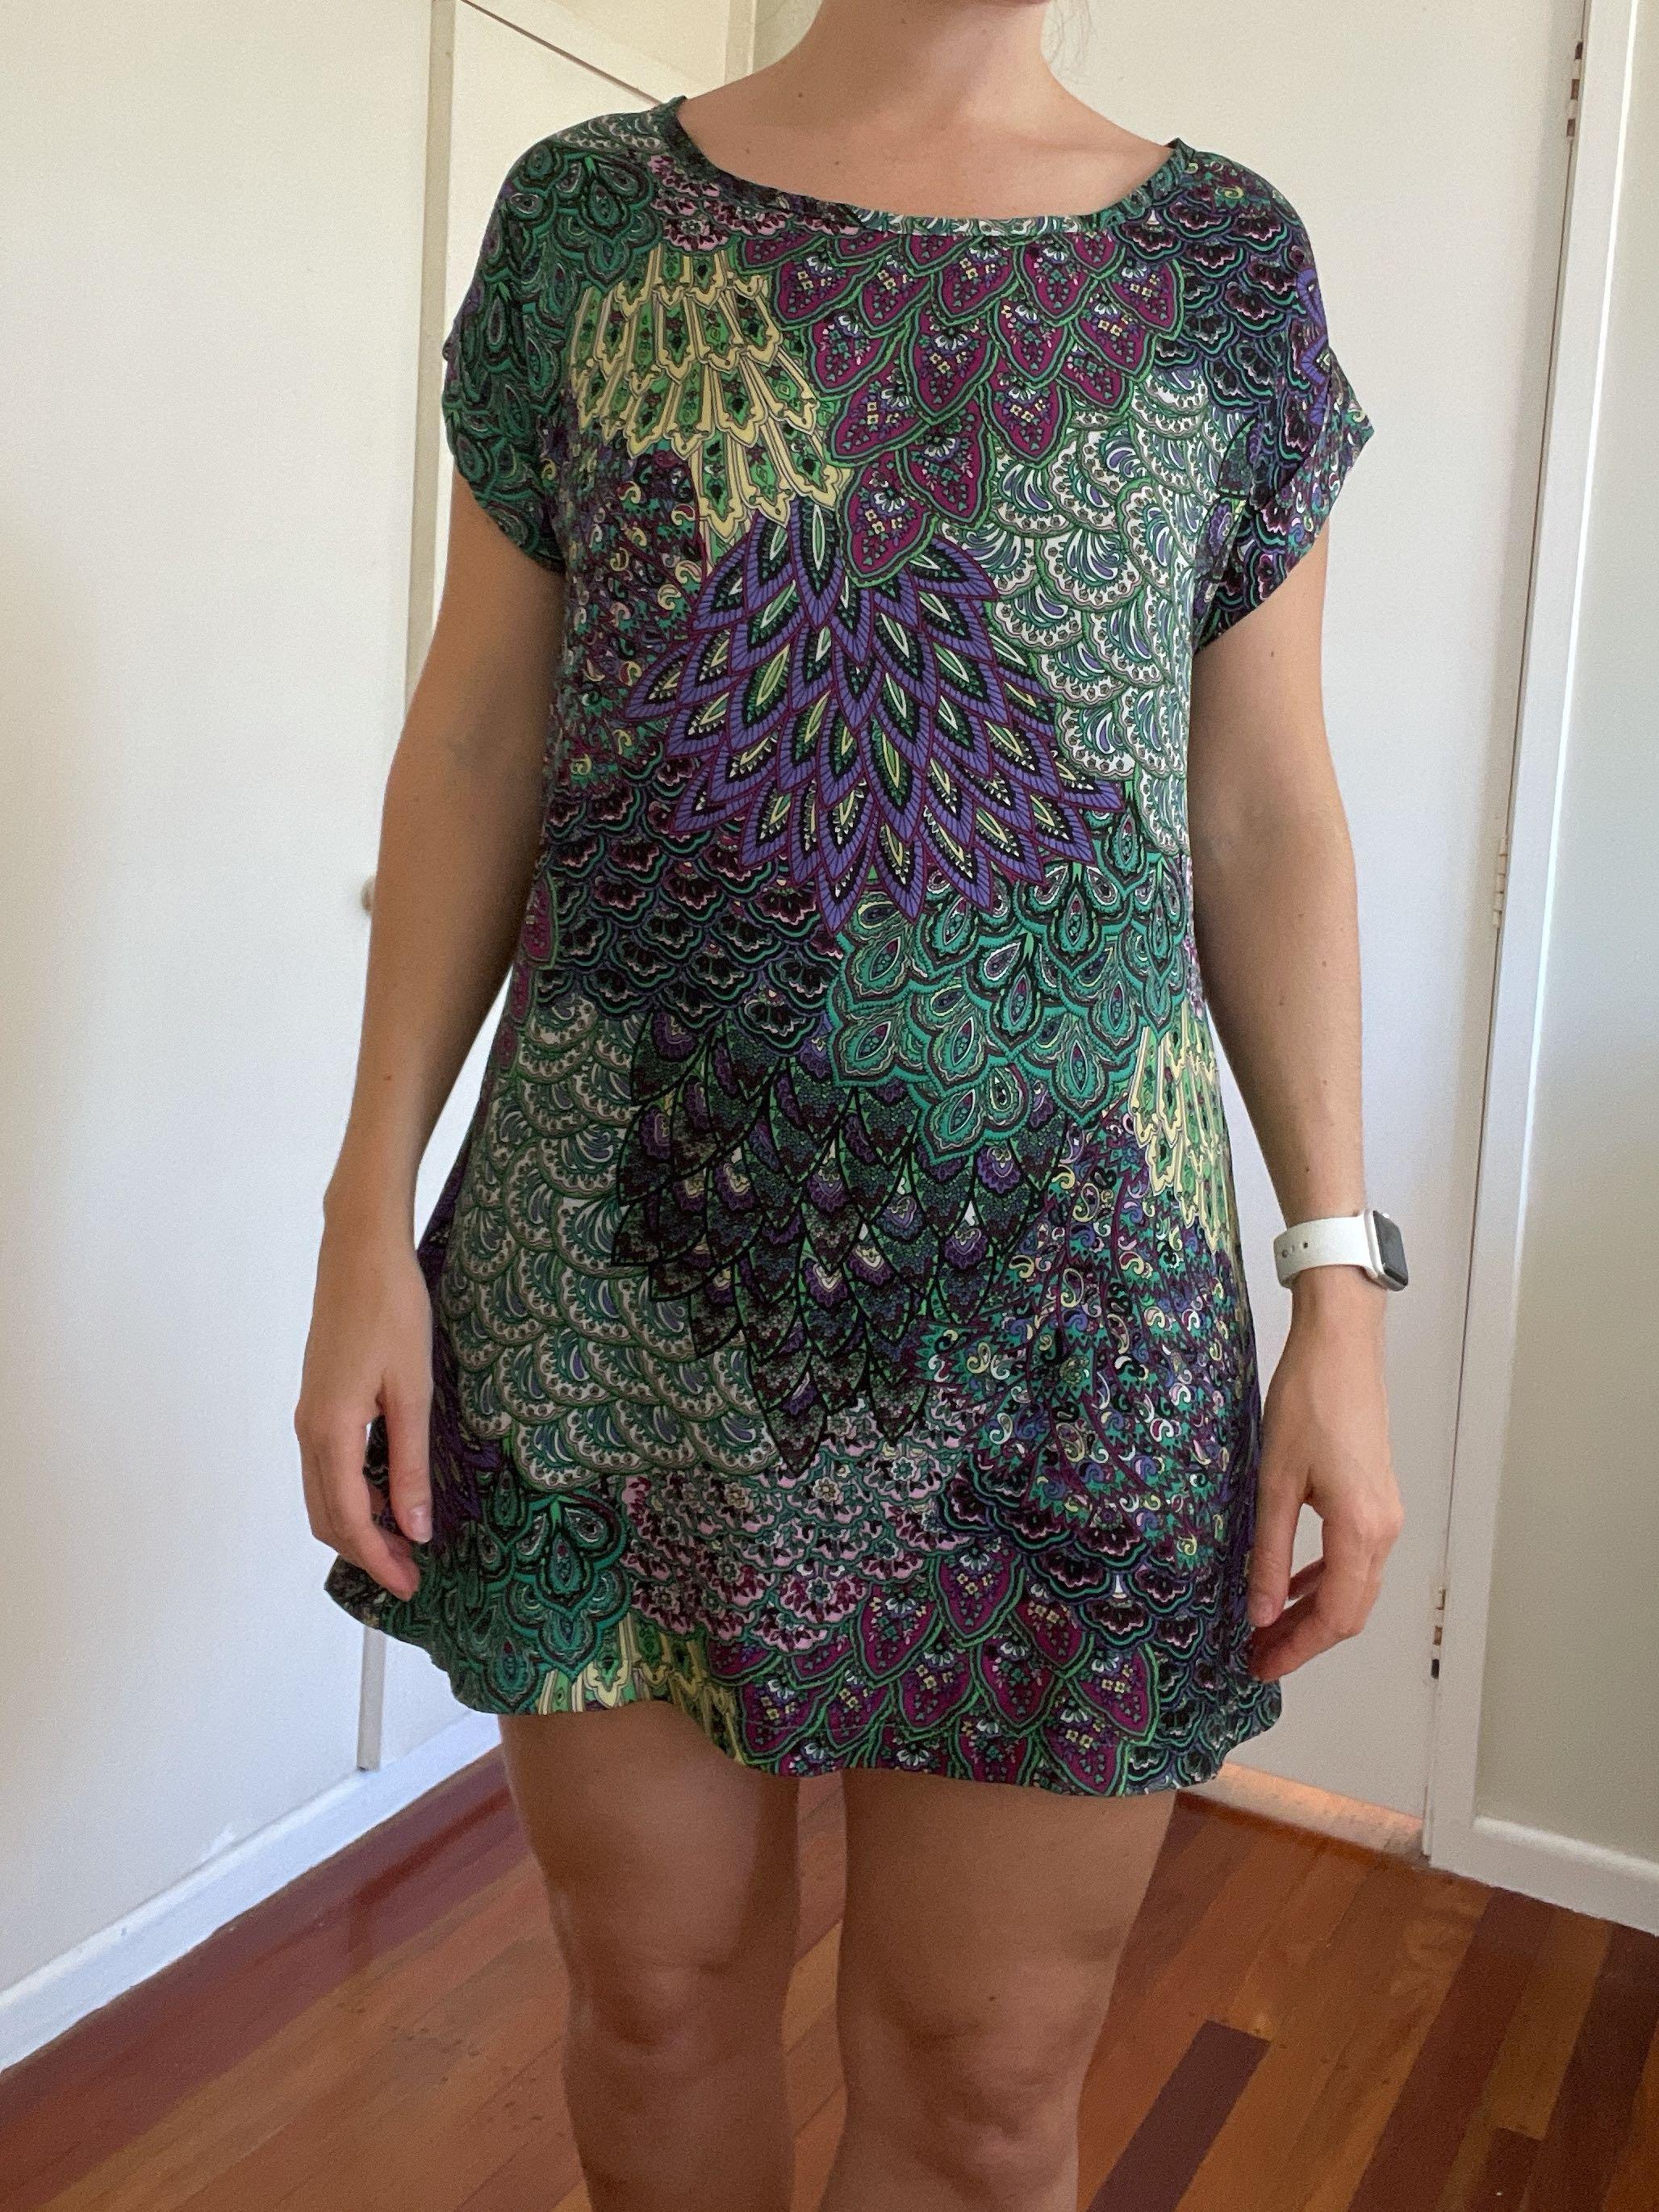 Patterned Satin Dress, Size 8-10